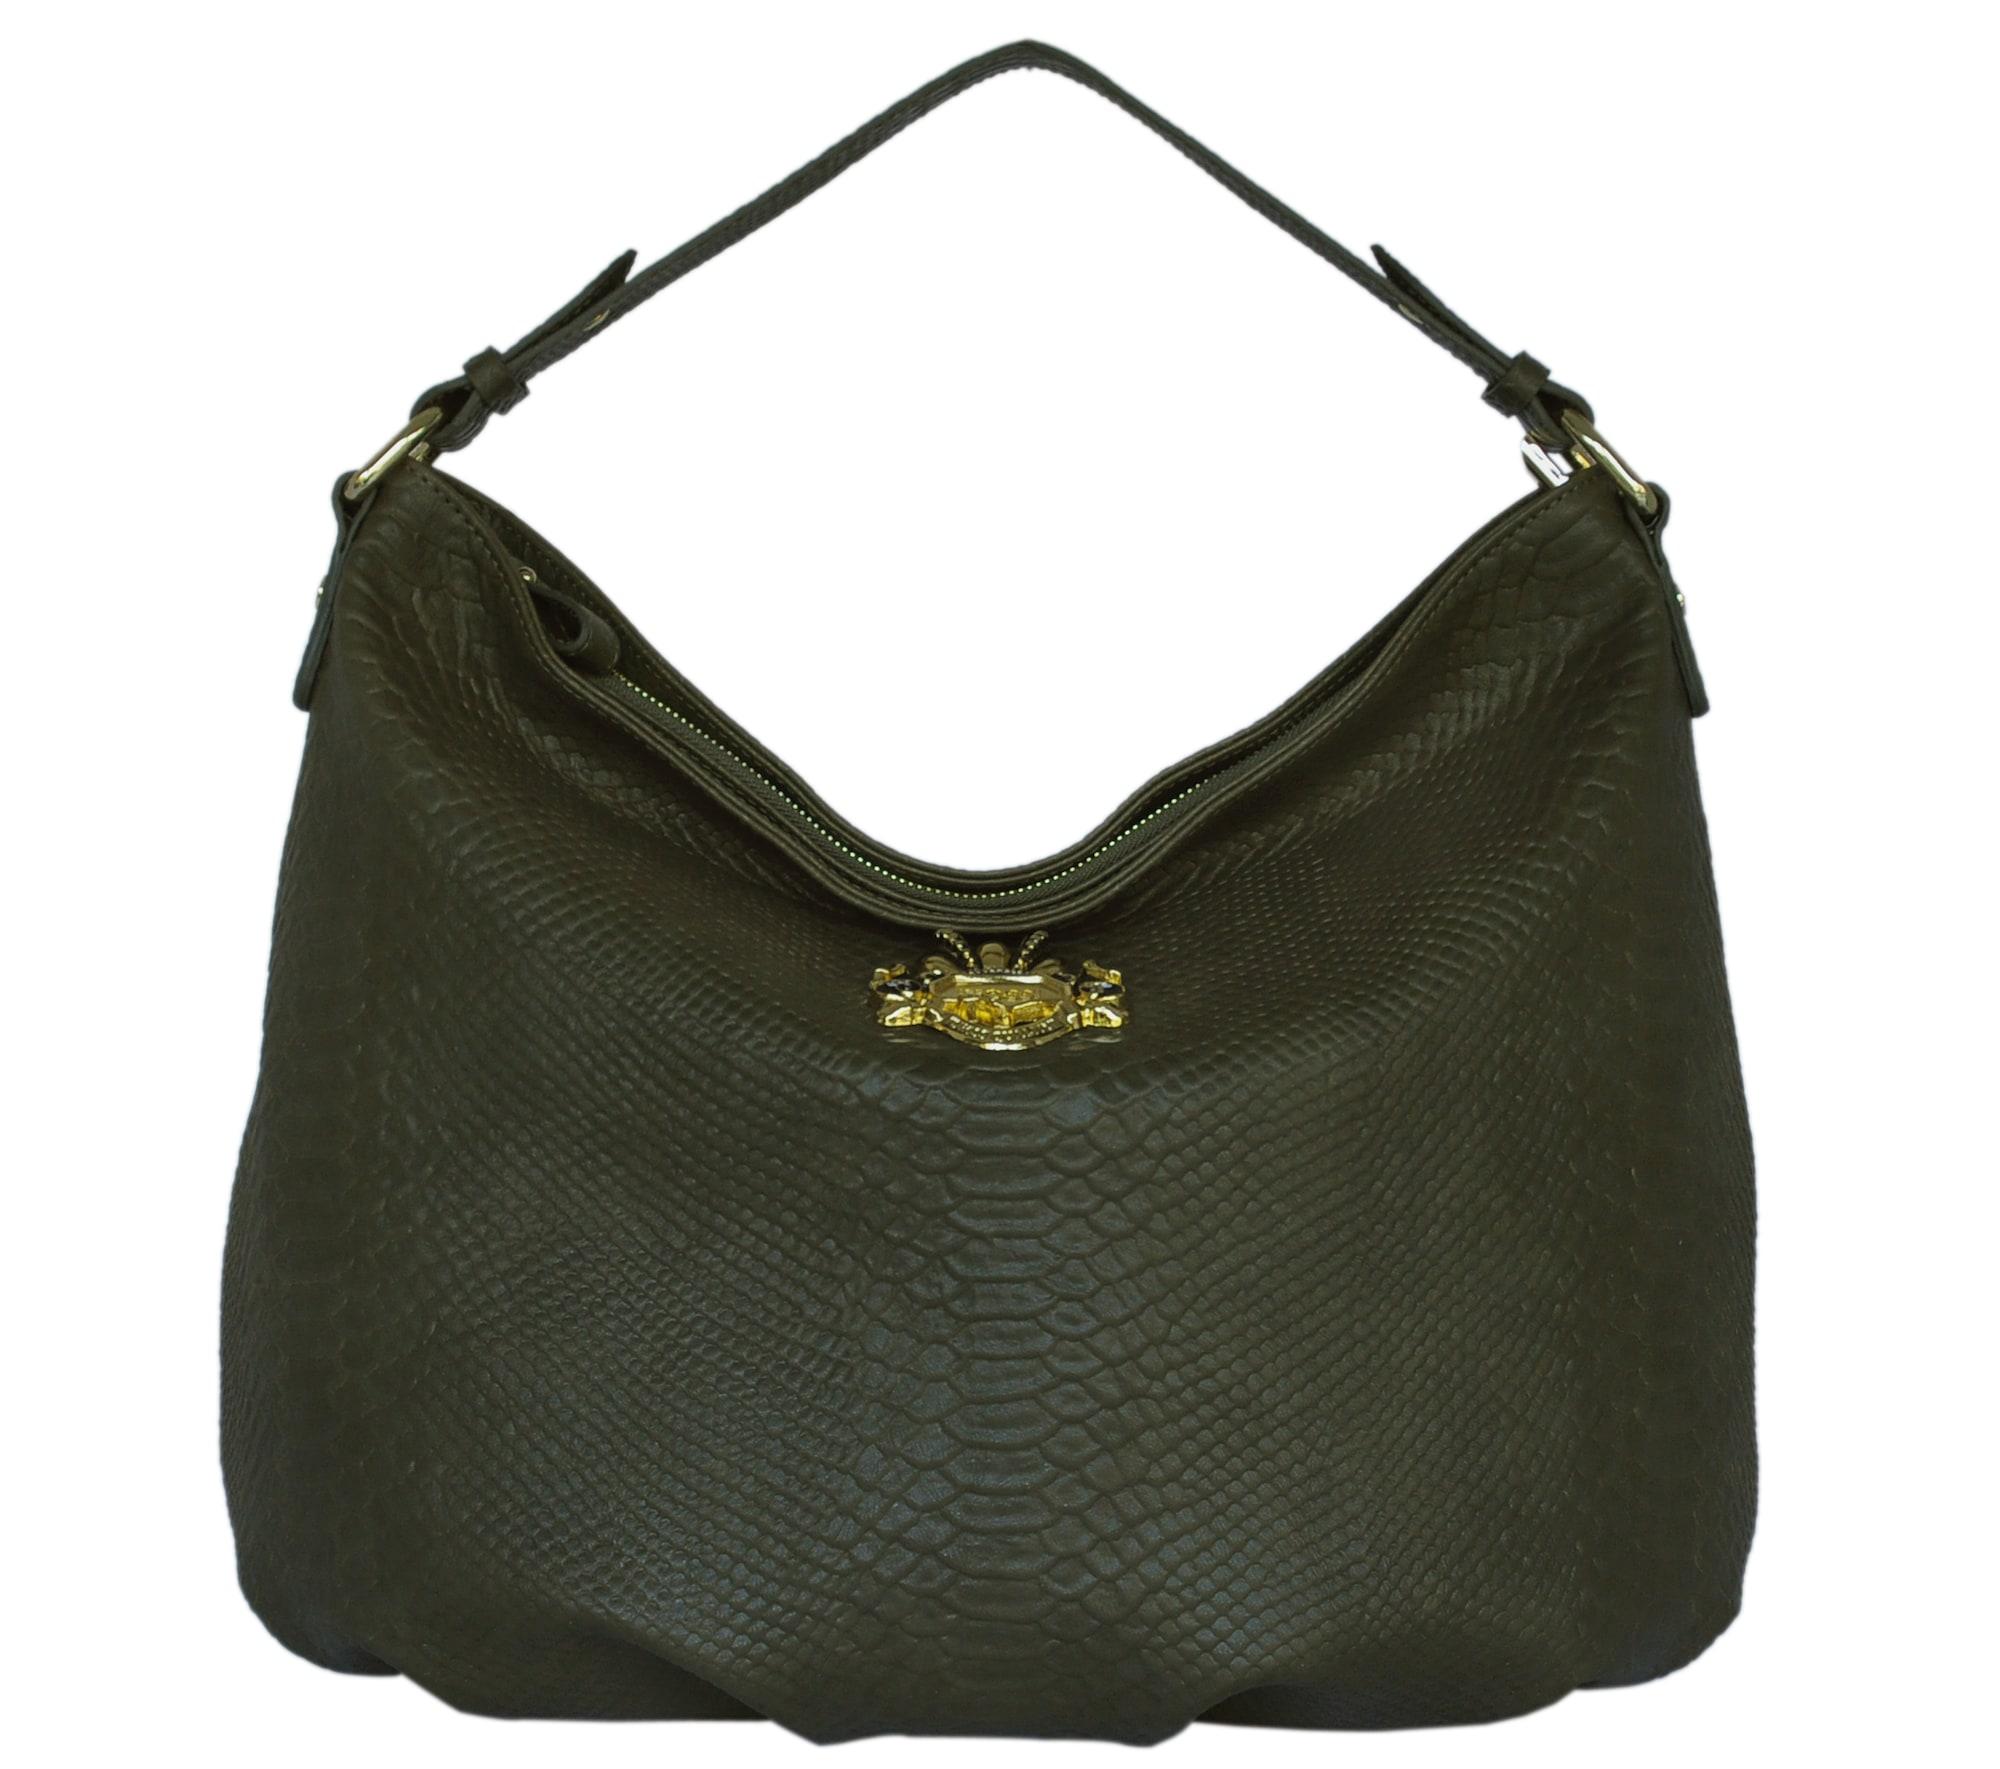 Henkeltasche | Taschen > Handtaschen > Henkeltaschen | Silvio Tossi